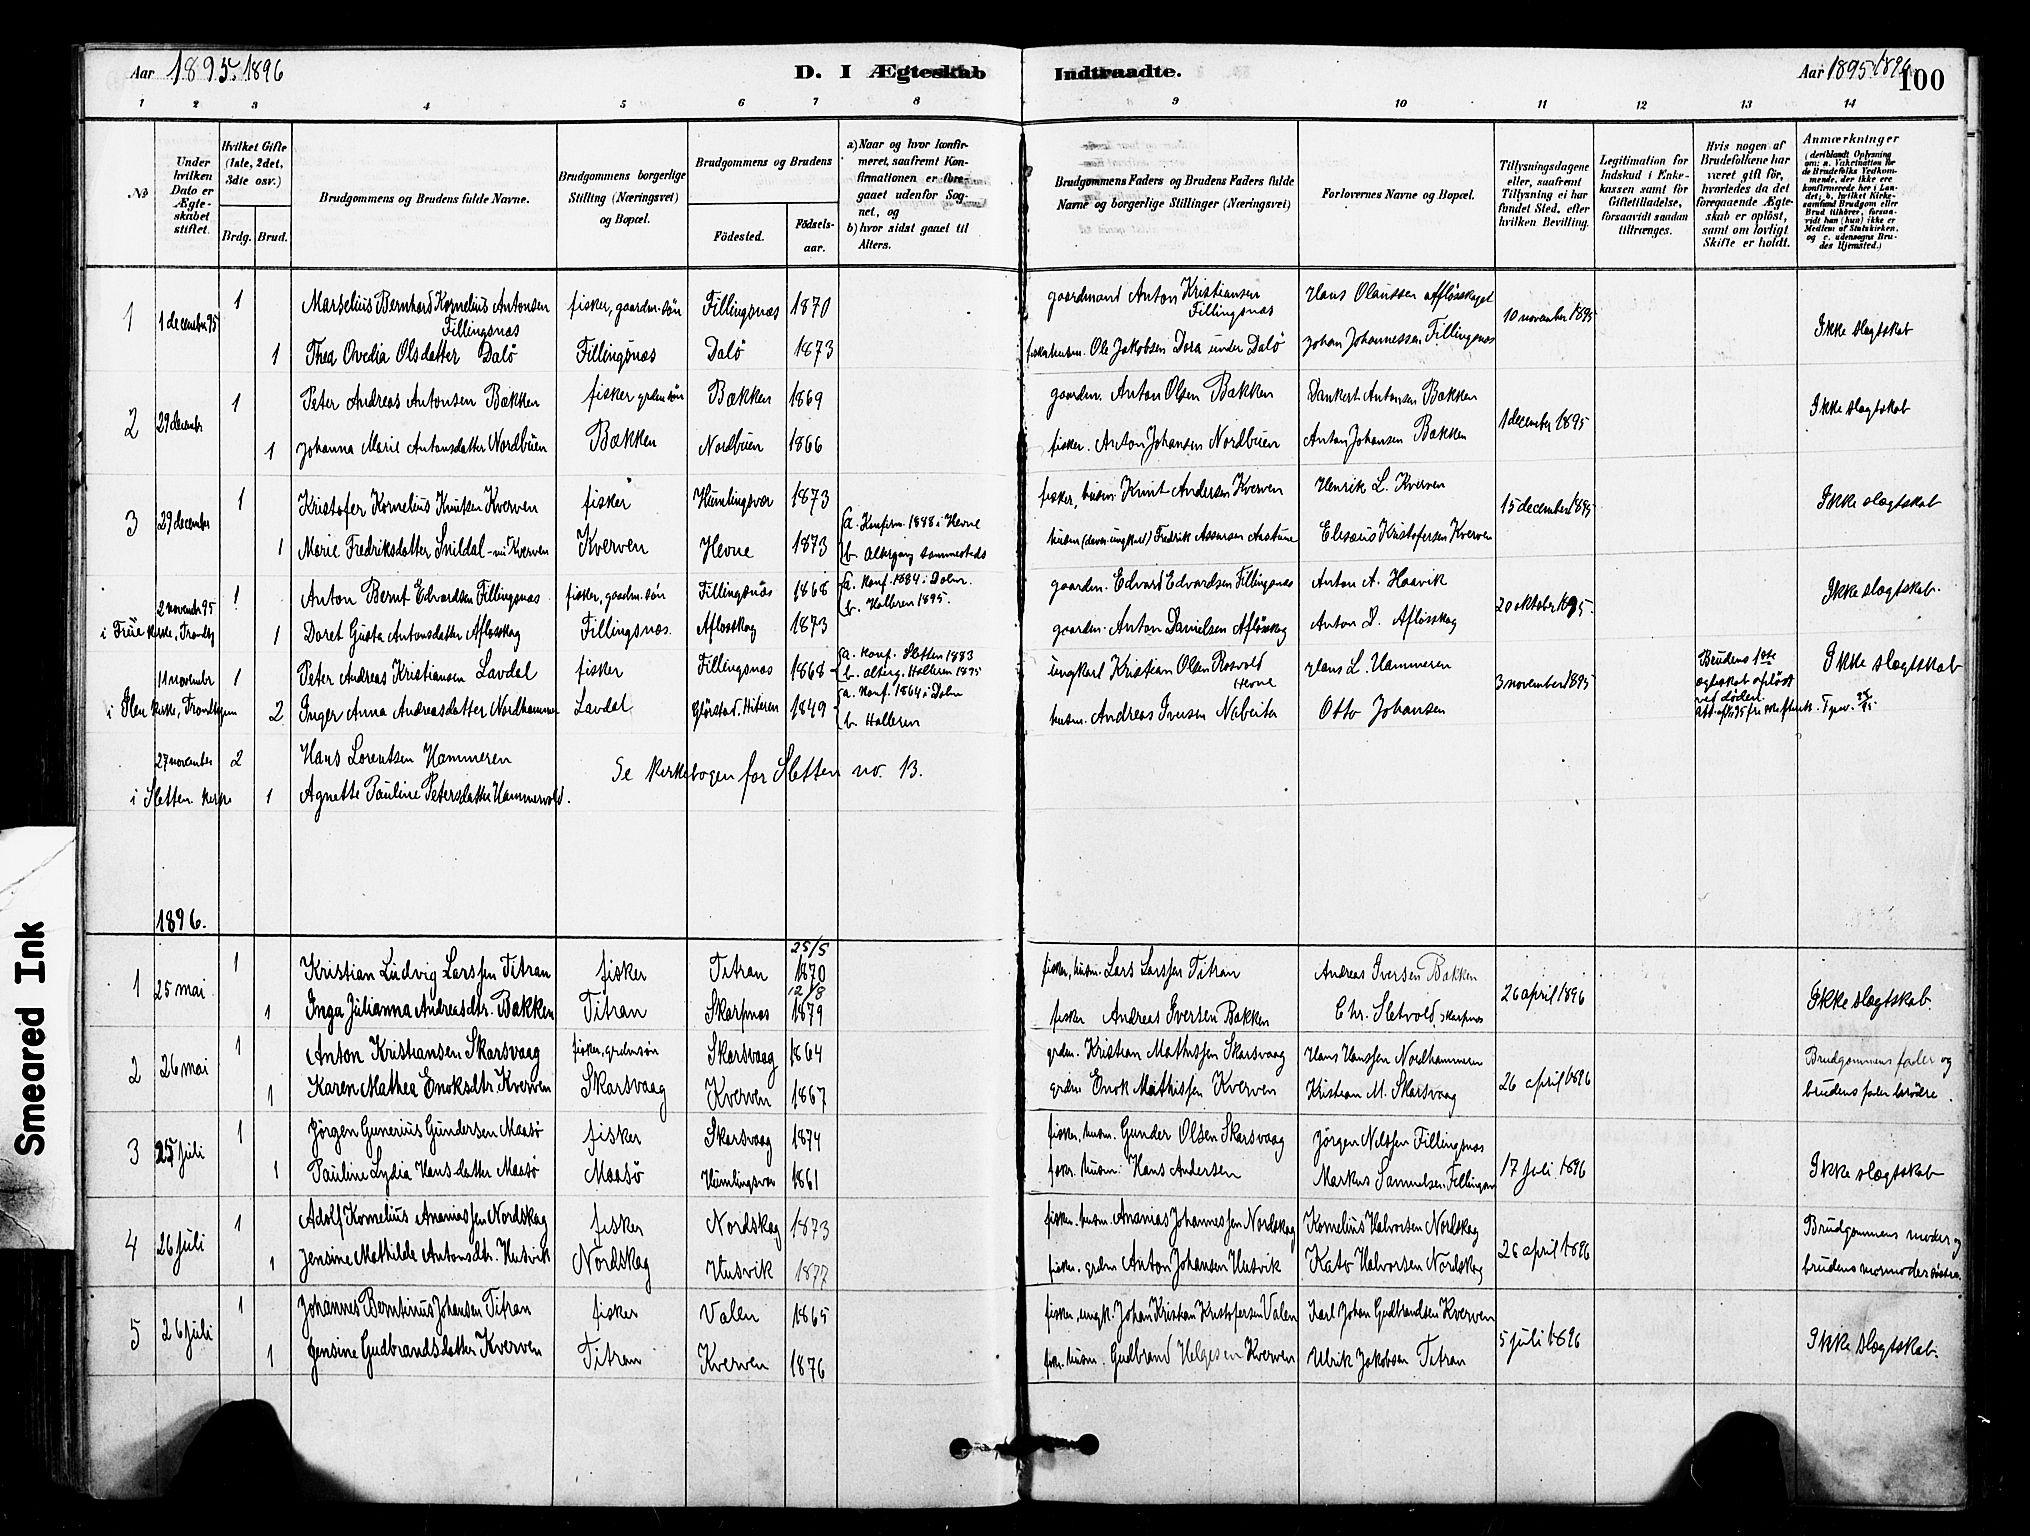 SAT, Ministerialprotokoller, klokkerbøker og fødselsregistre - Sør-Trøndelag, 641/L0595: Ministerialbok nr. 641A01, 1882-1897, s. 100